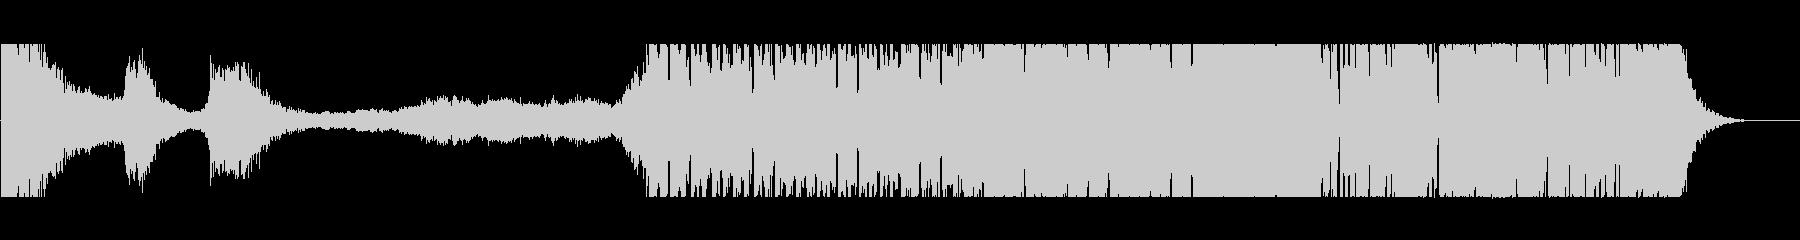 激しいドラムンベースの未再生の波形